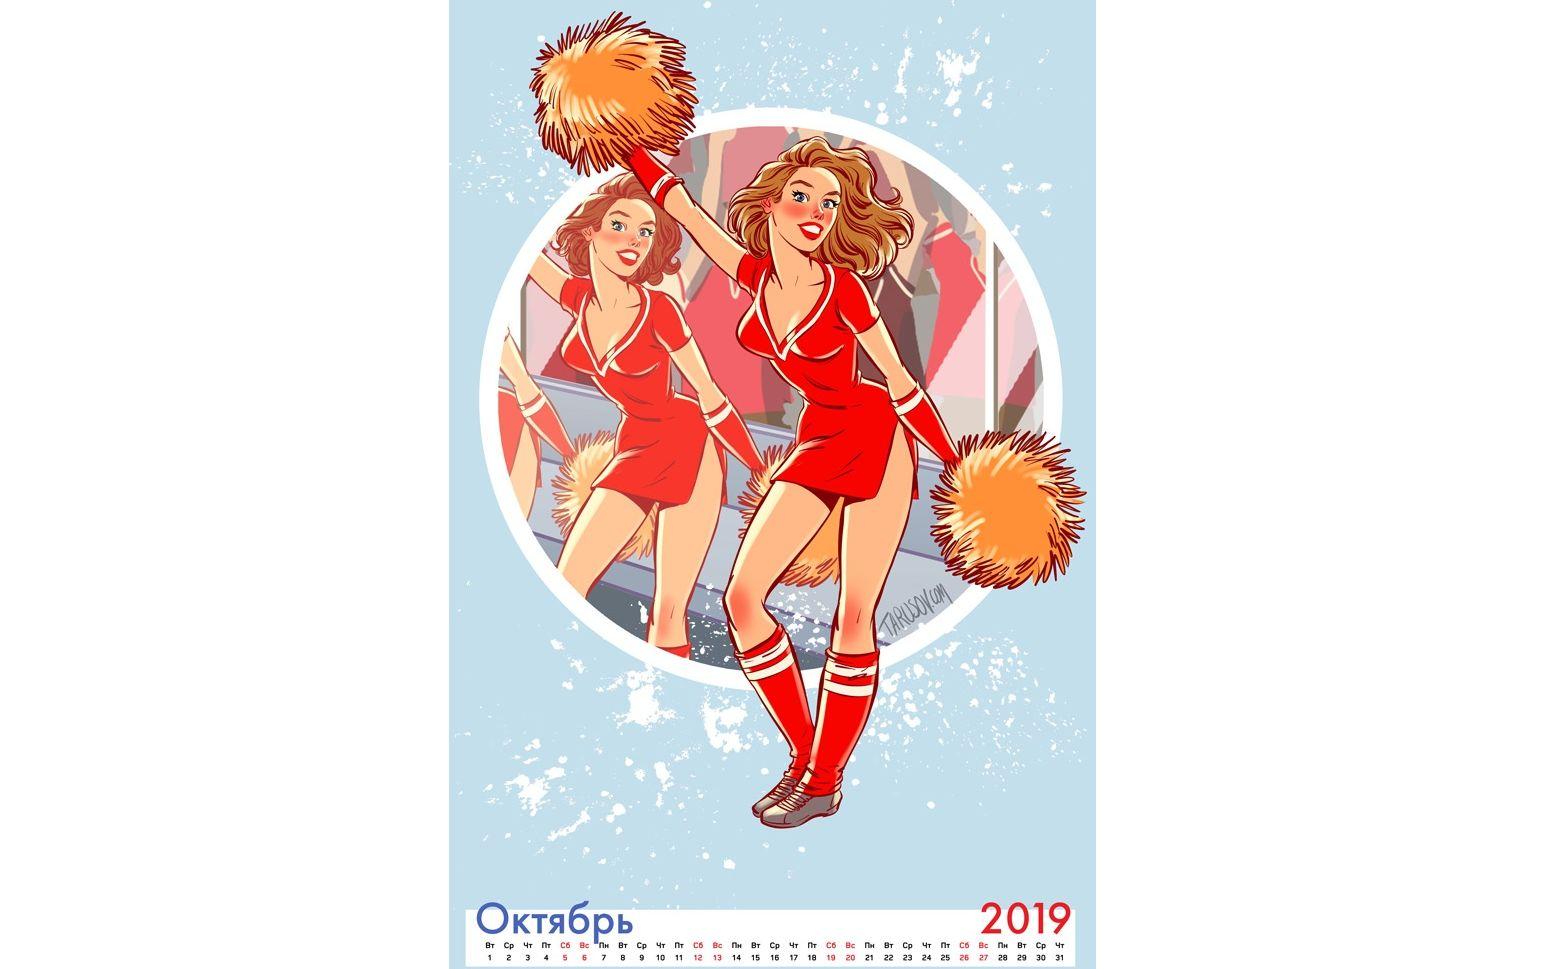 Известный ярославский художник нарисовал хоккейный календарь в стиле Pin-Up